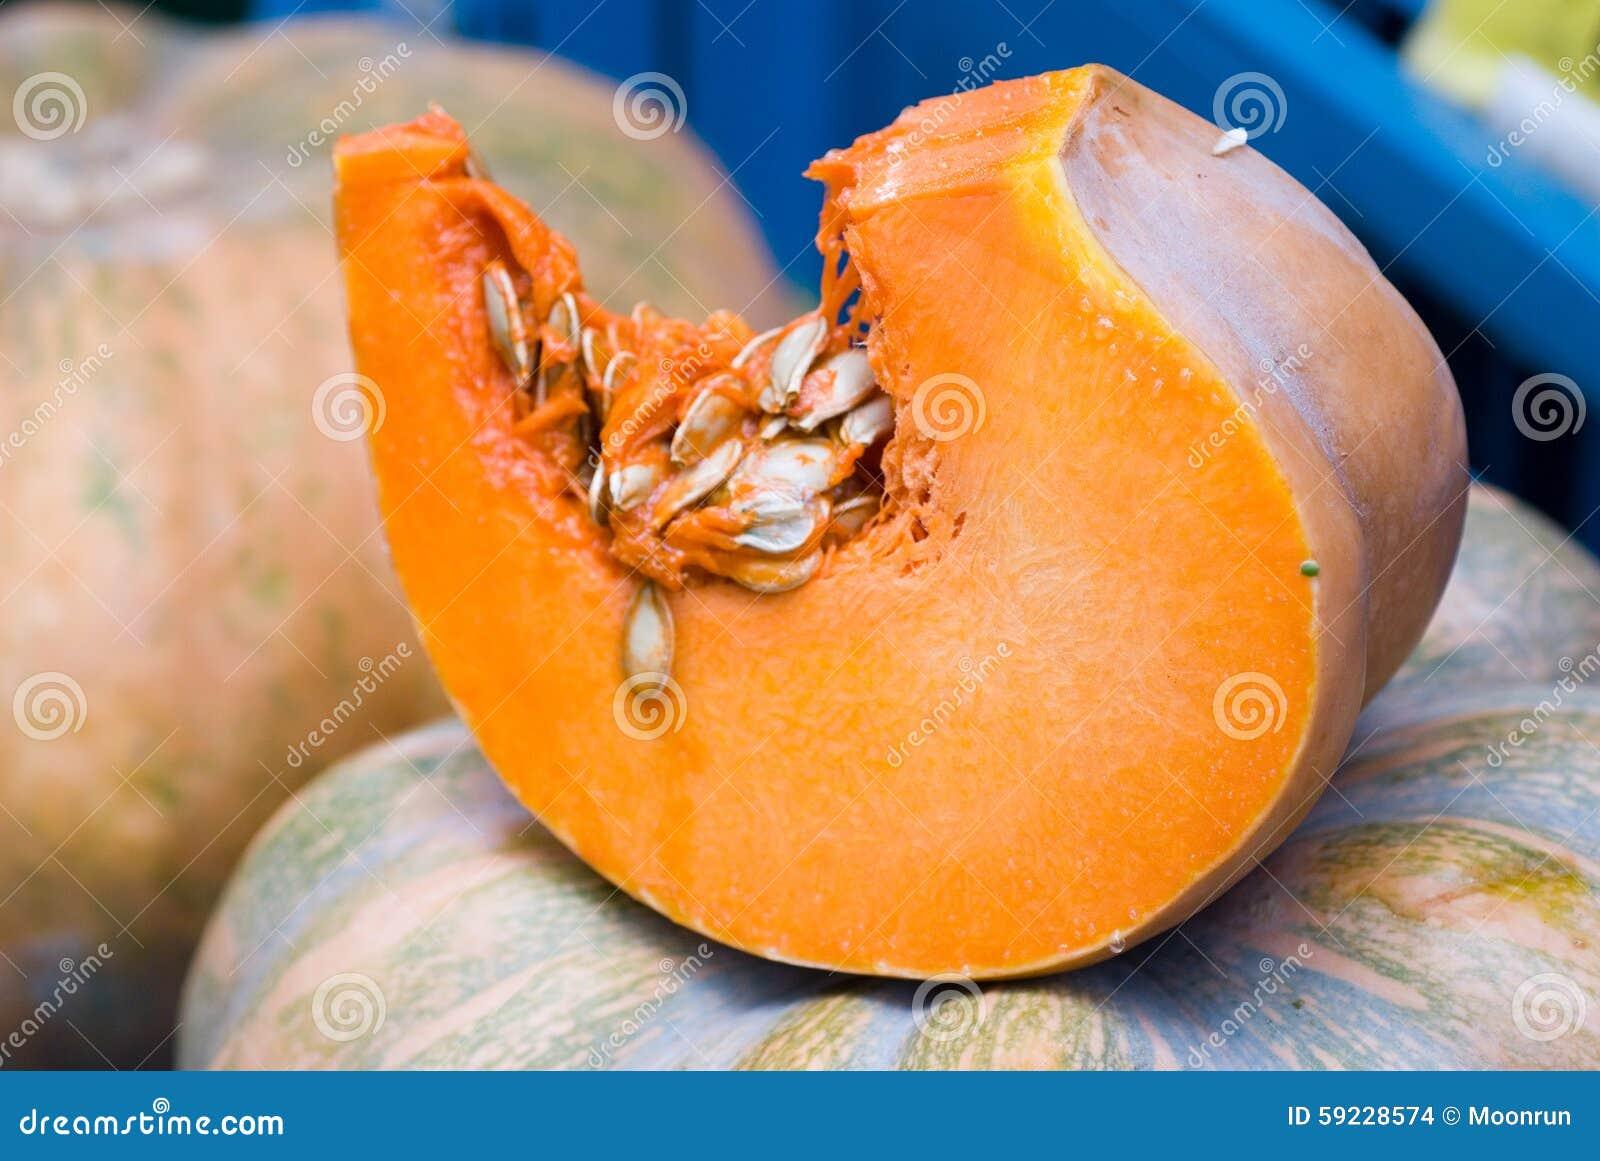 Download Calabaza foto de archivo. Imagen de acre, alimento, vegetariano - 59228574